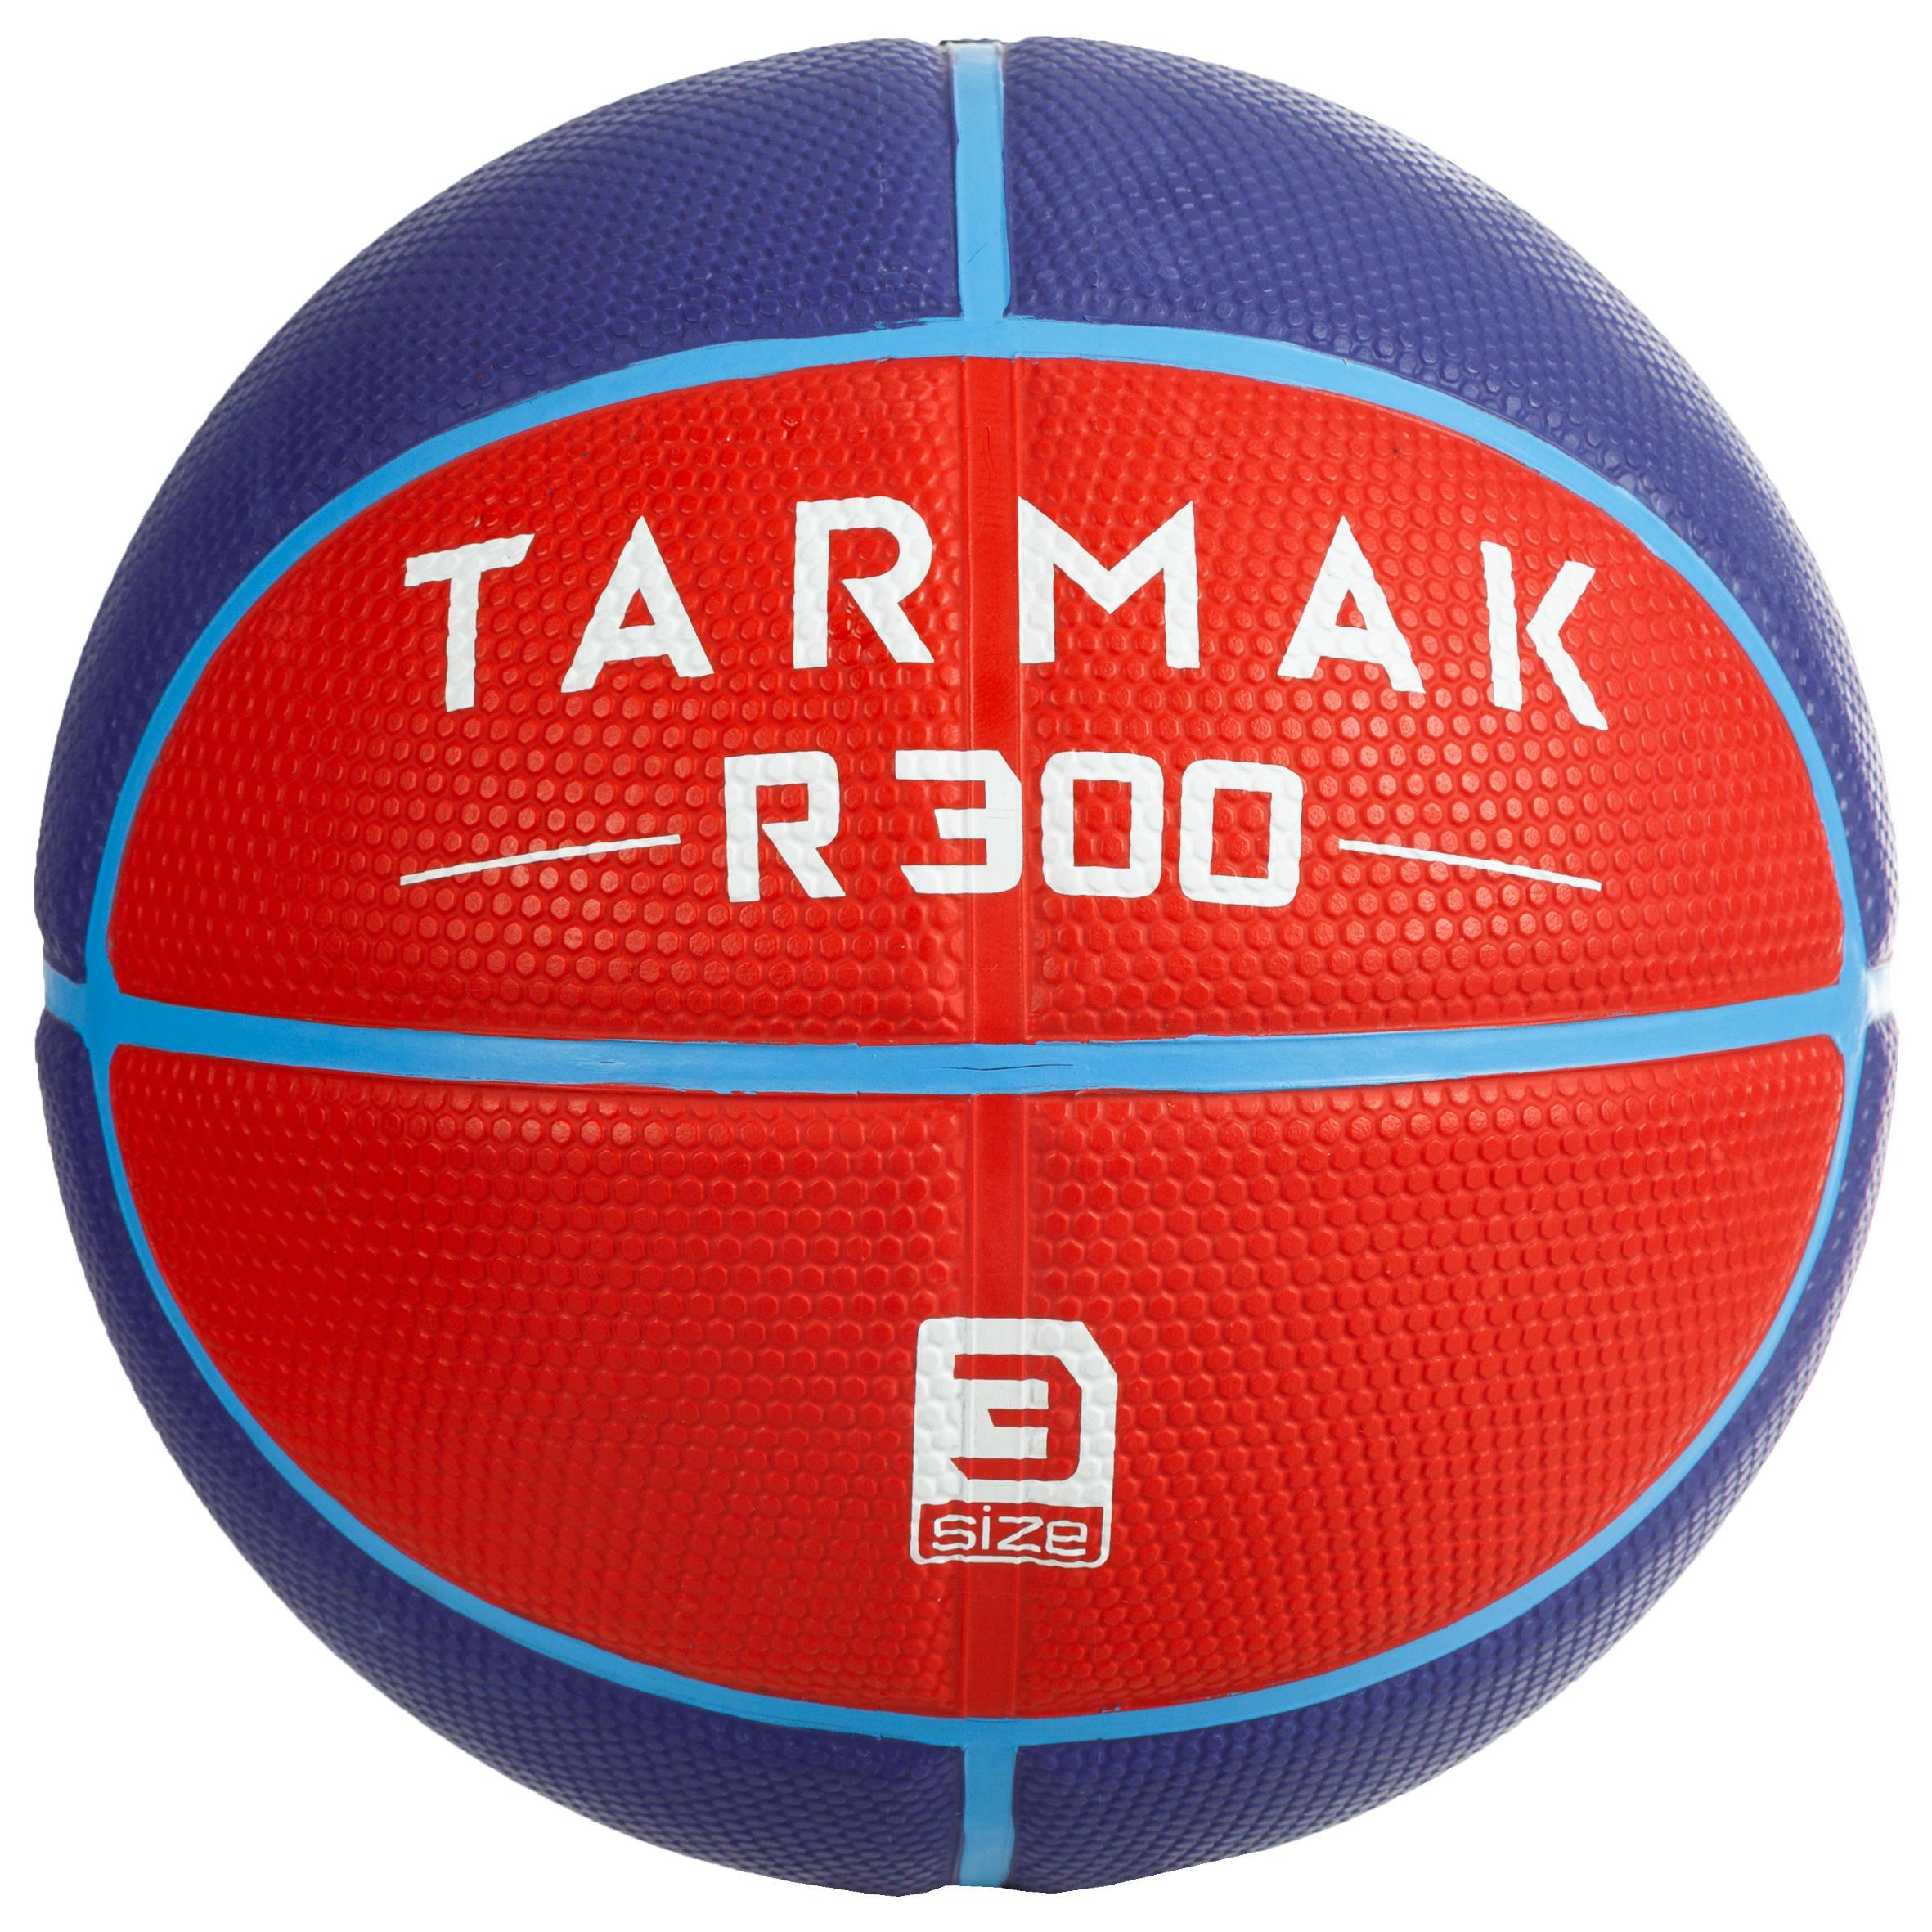 Basketball R300 Größe 3 rot für Kinder bis 6 Jahre